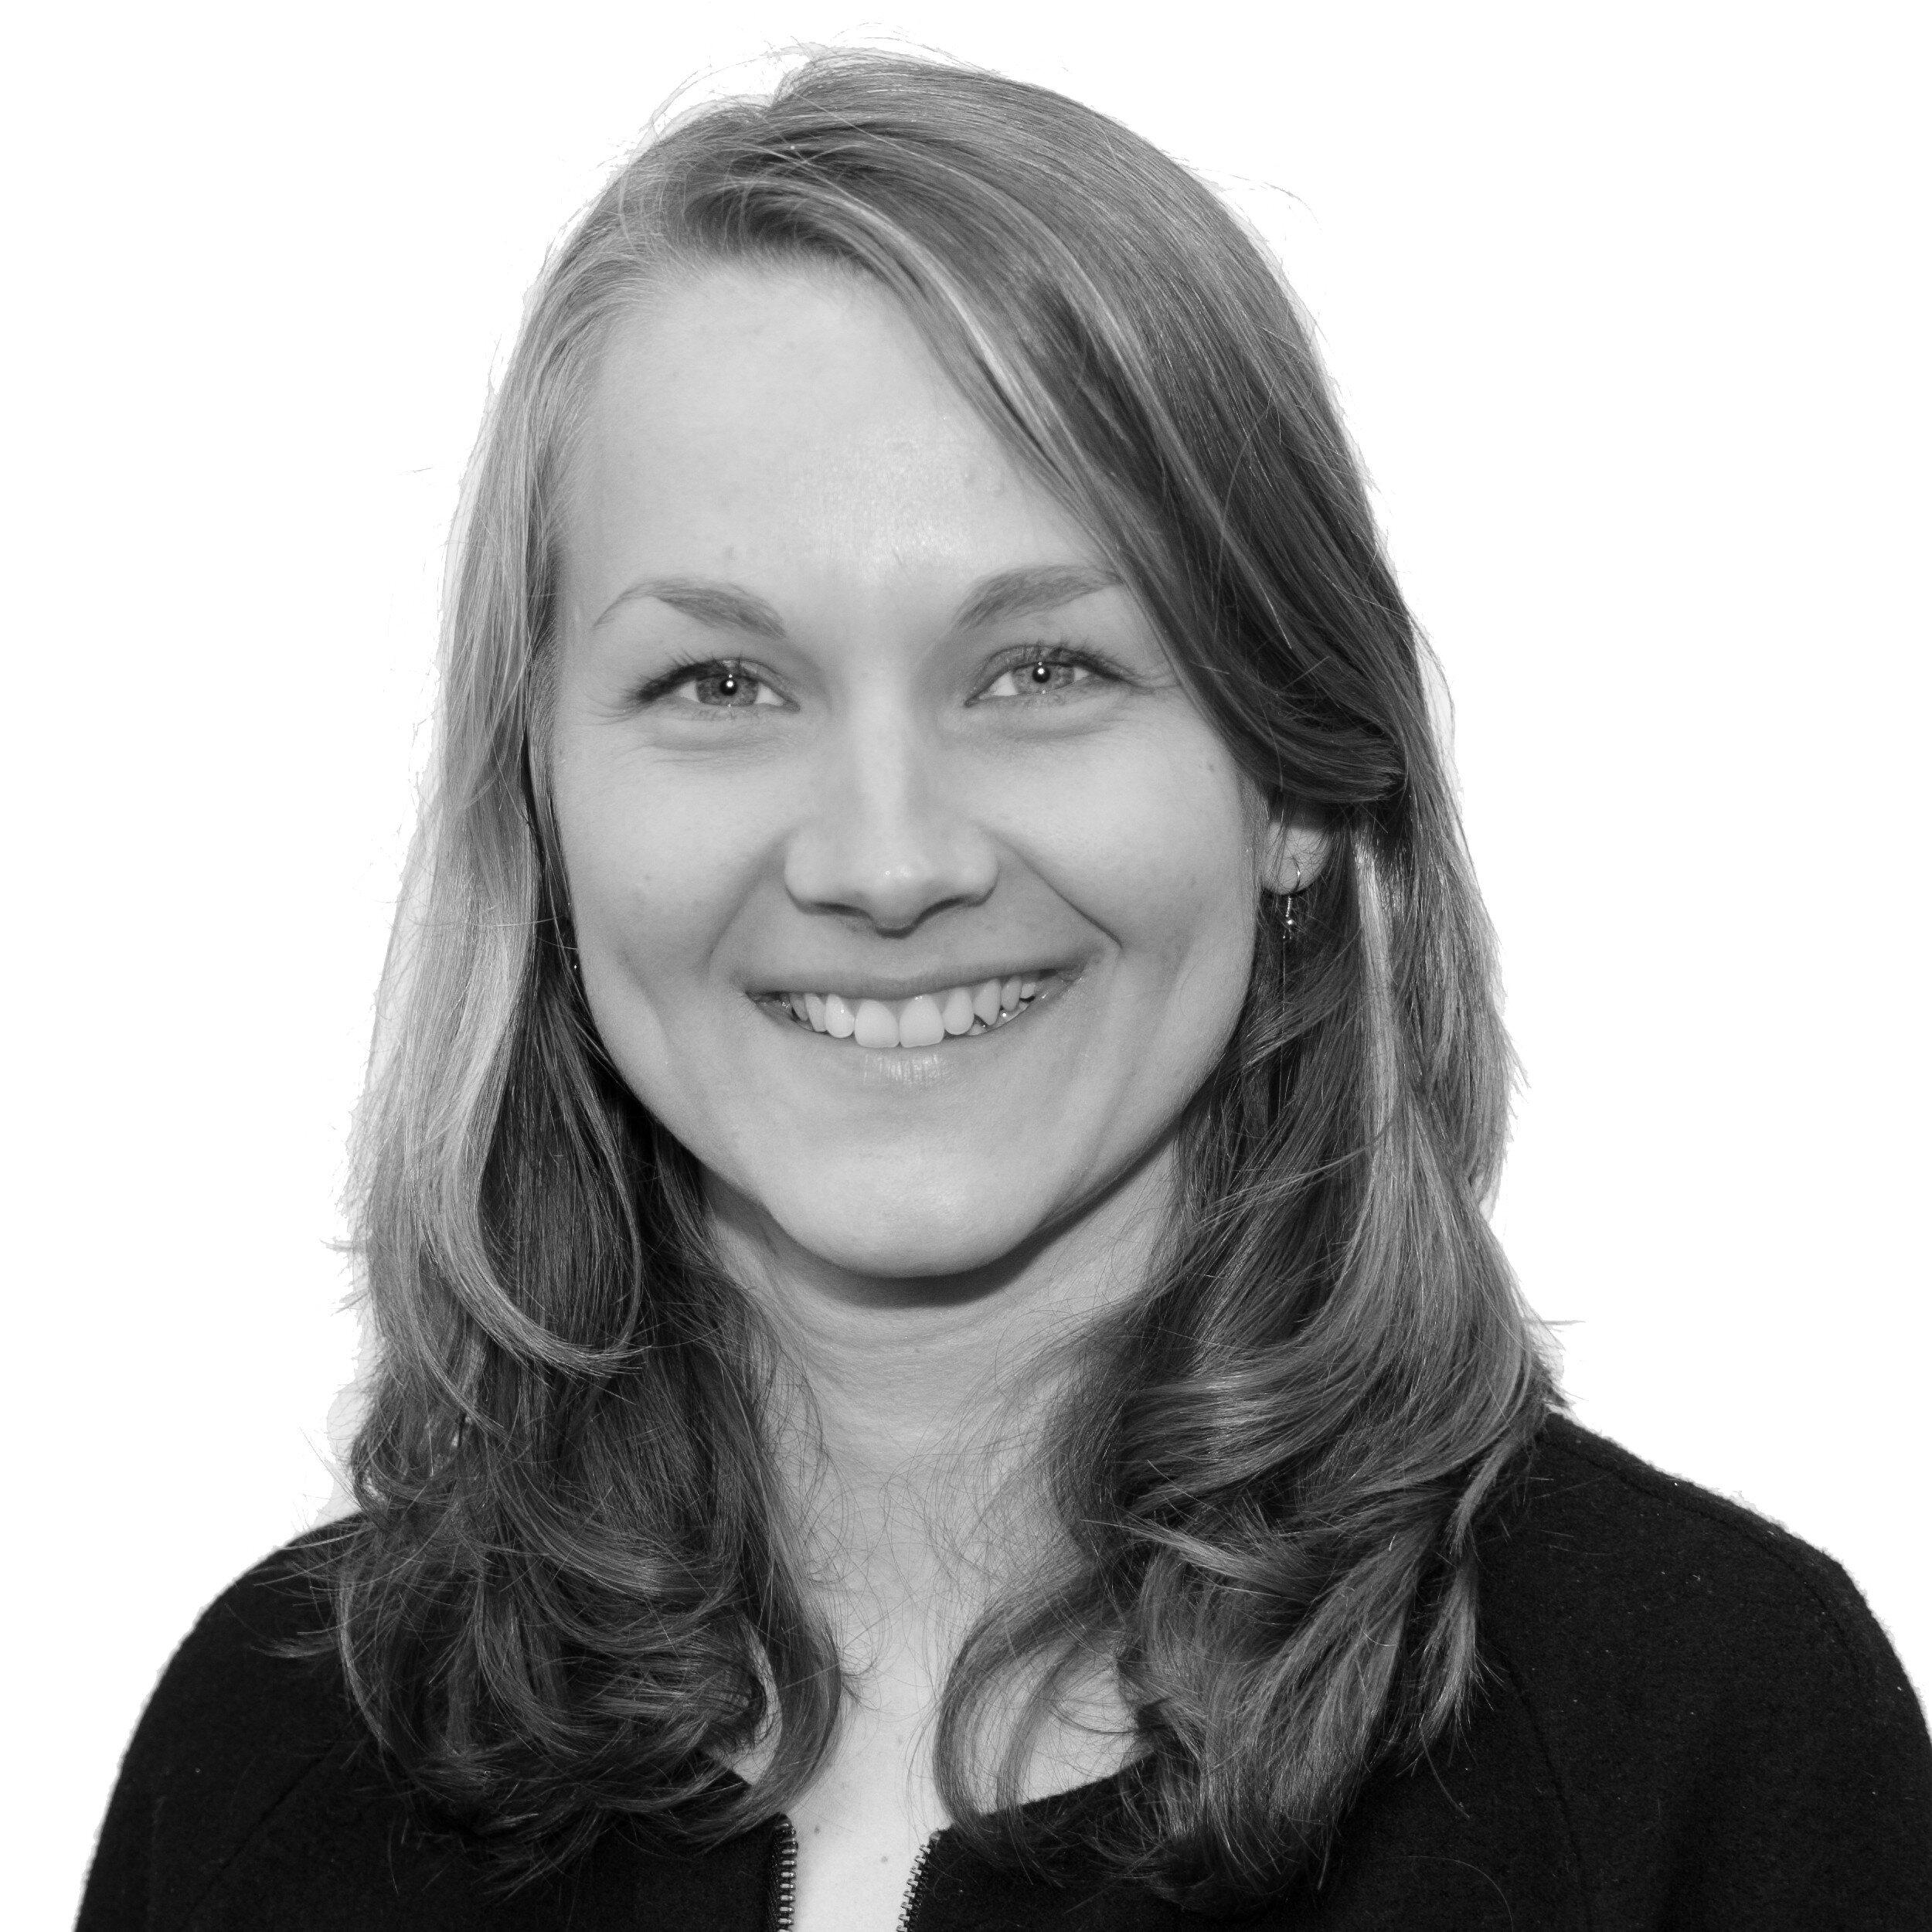 Lina Brink aus der Nachwuchsforscherinnengruppe  Transkulturelle Öffentlichkeiten und Solidarisierung in gegenwärtigen Medienkulturen  (gefördert durch die Hans-Böckler-Stiftung) hat erfolgreich verteidigt!